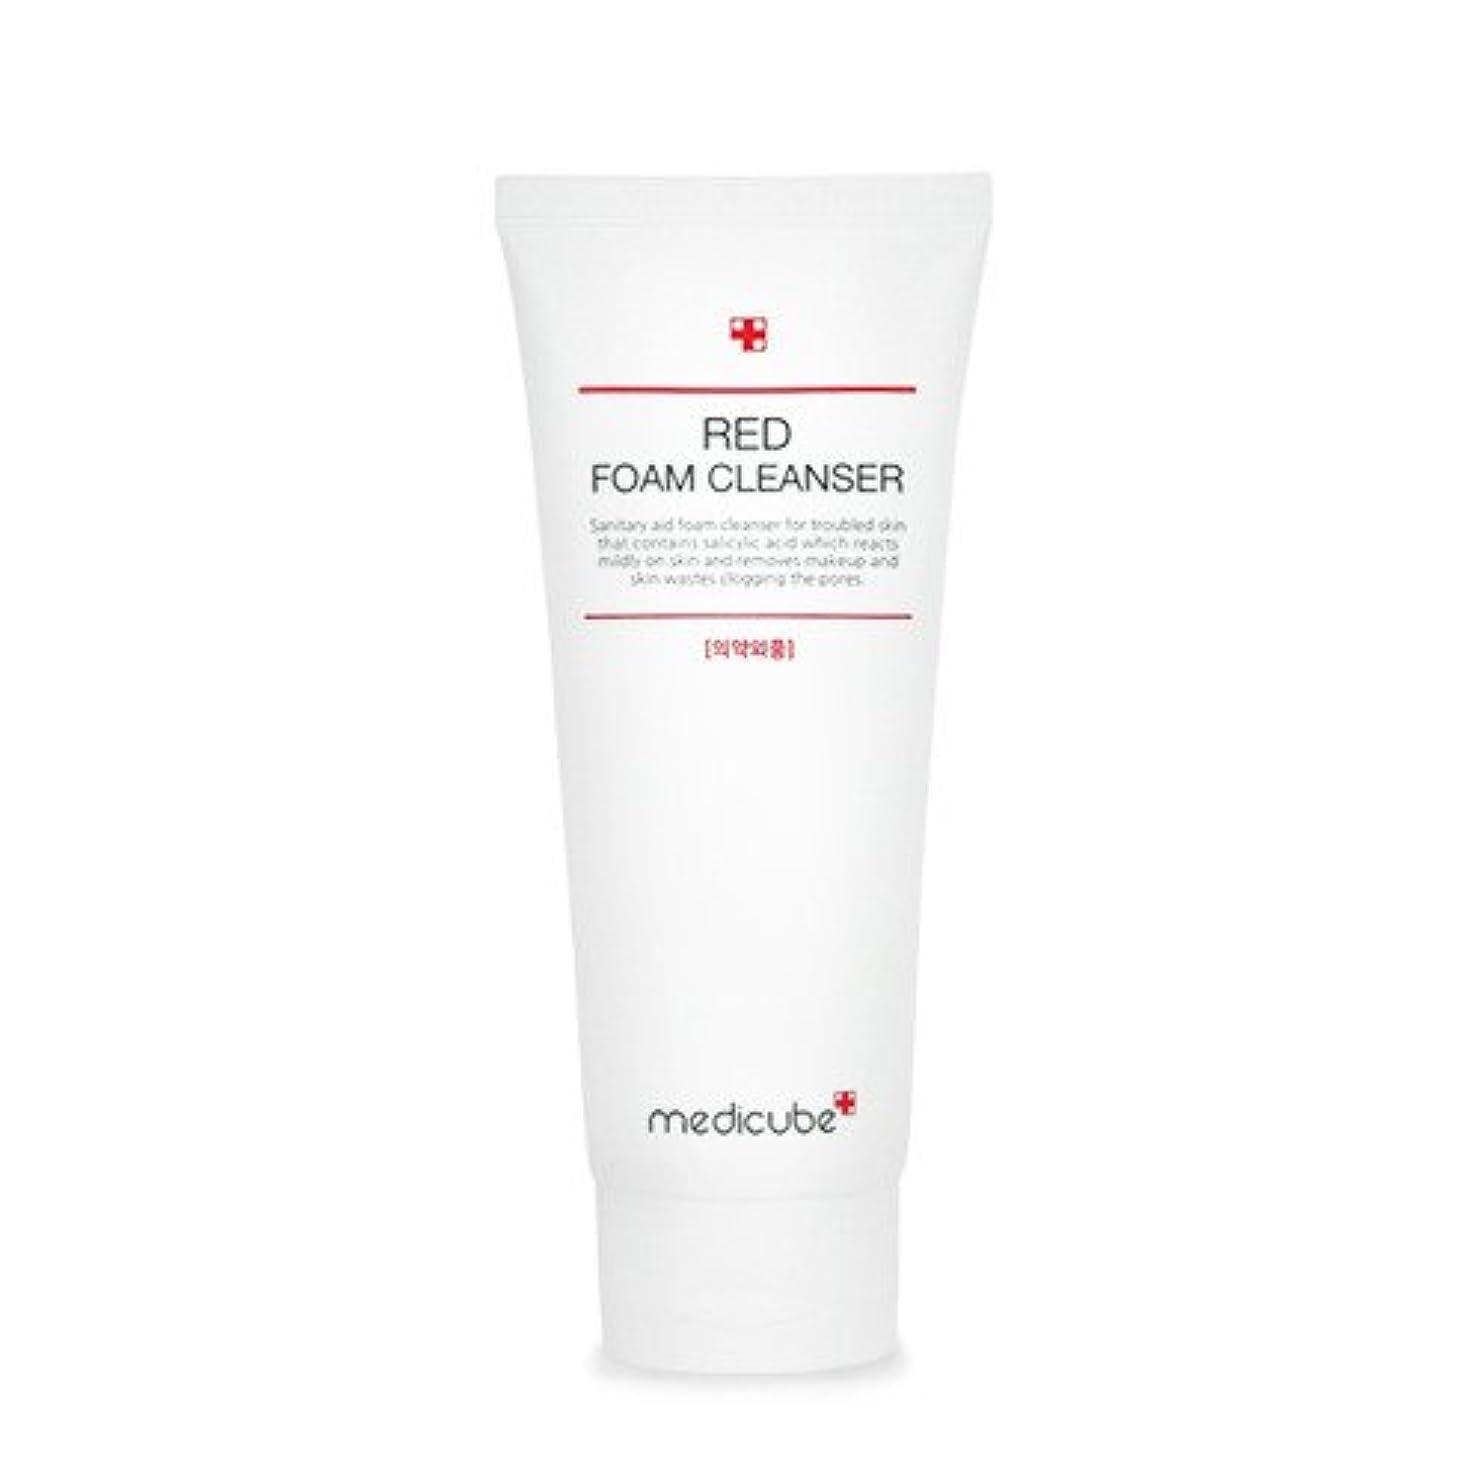 通行人対処する夜間[Medicube]Red Foam Cleanser 120ml / メディキューブレッドクレンジングフォーム / 正品?海外直送商品 [並行輸入品]